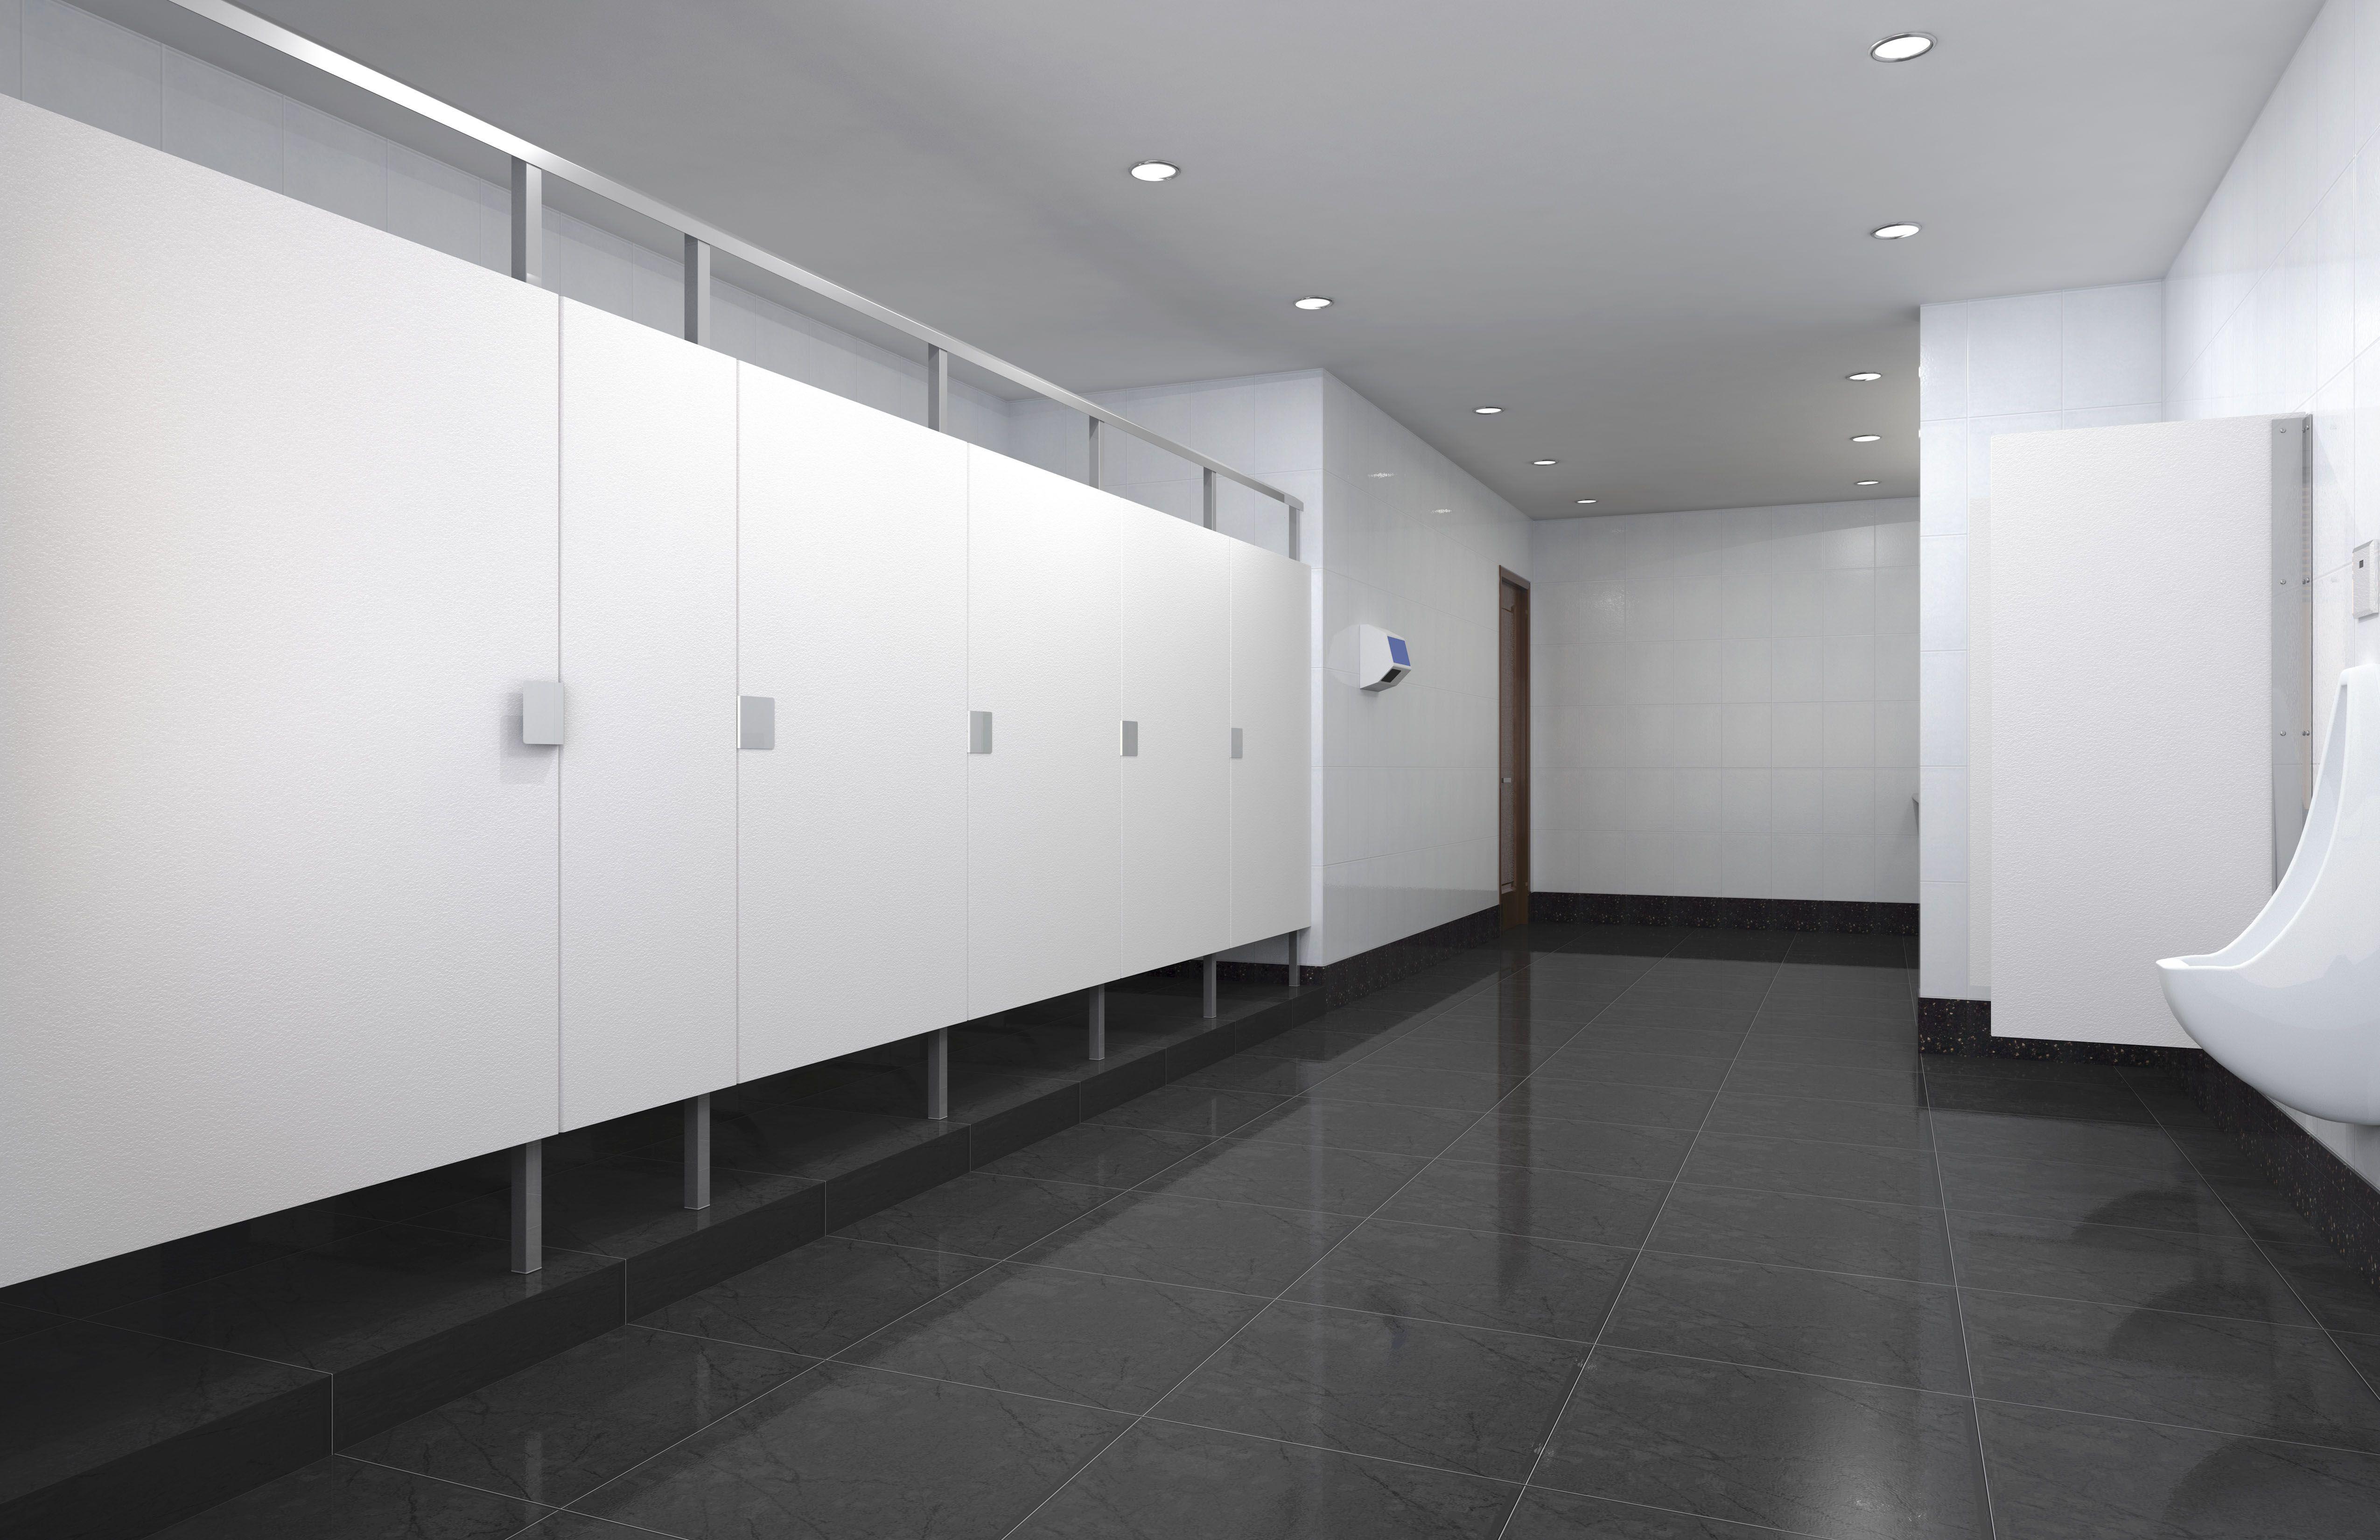 Bathroom Partition Wall Interior eclipse partitions - white color | eclipse partitions | pinterest